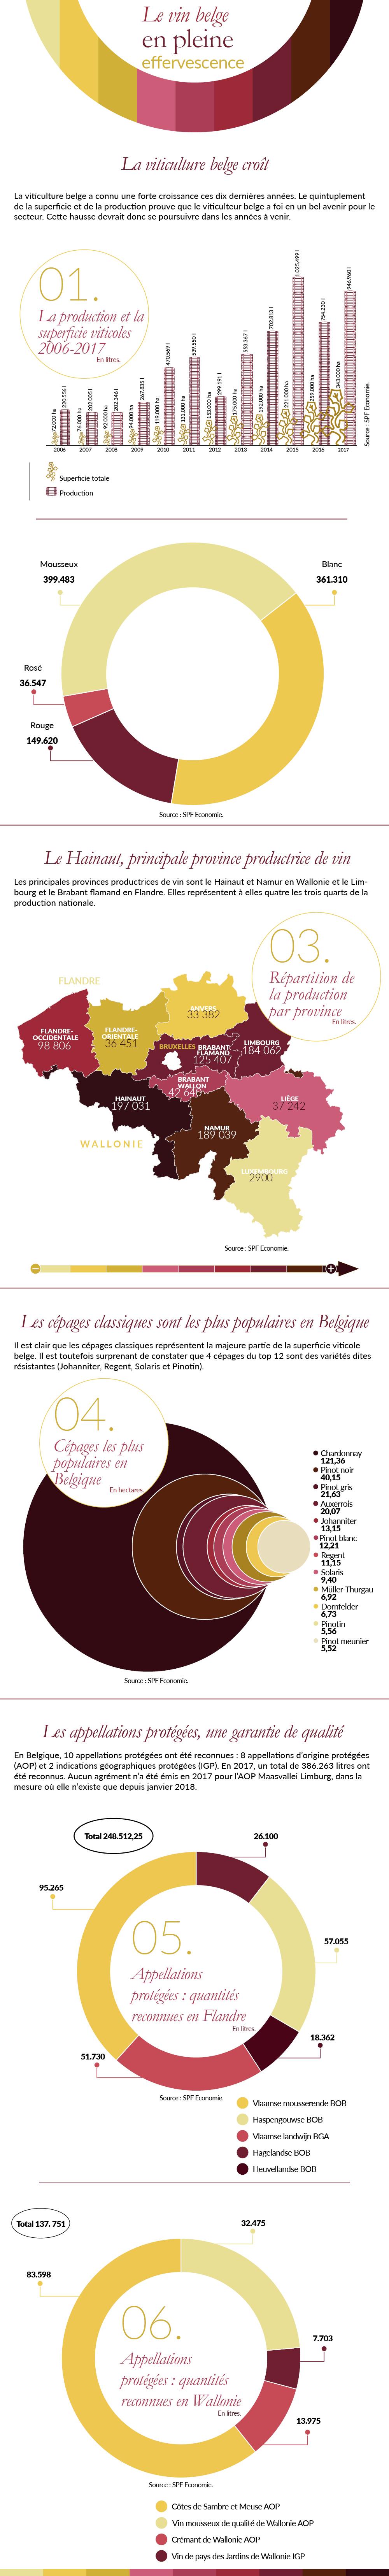 293732 148 18 infographie fr a131e9 original 1539863534